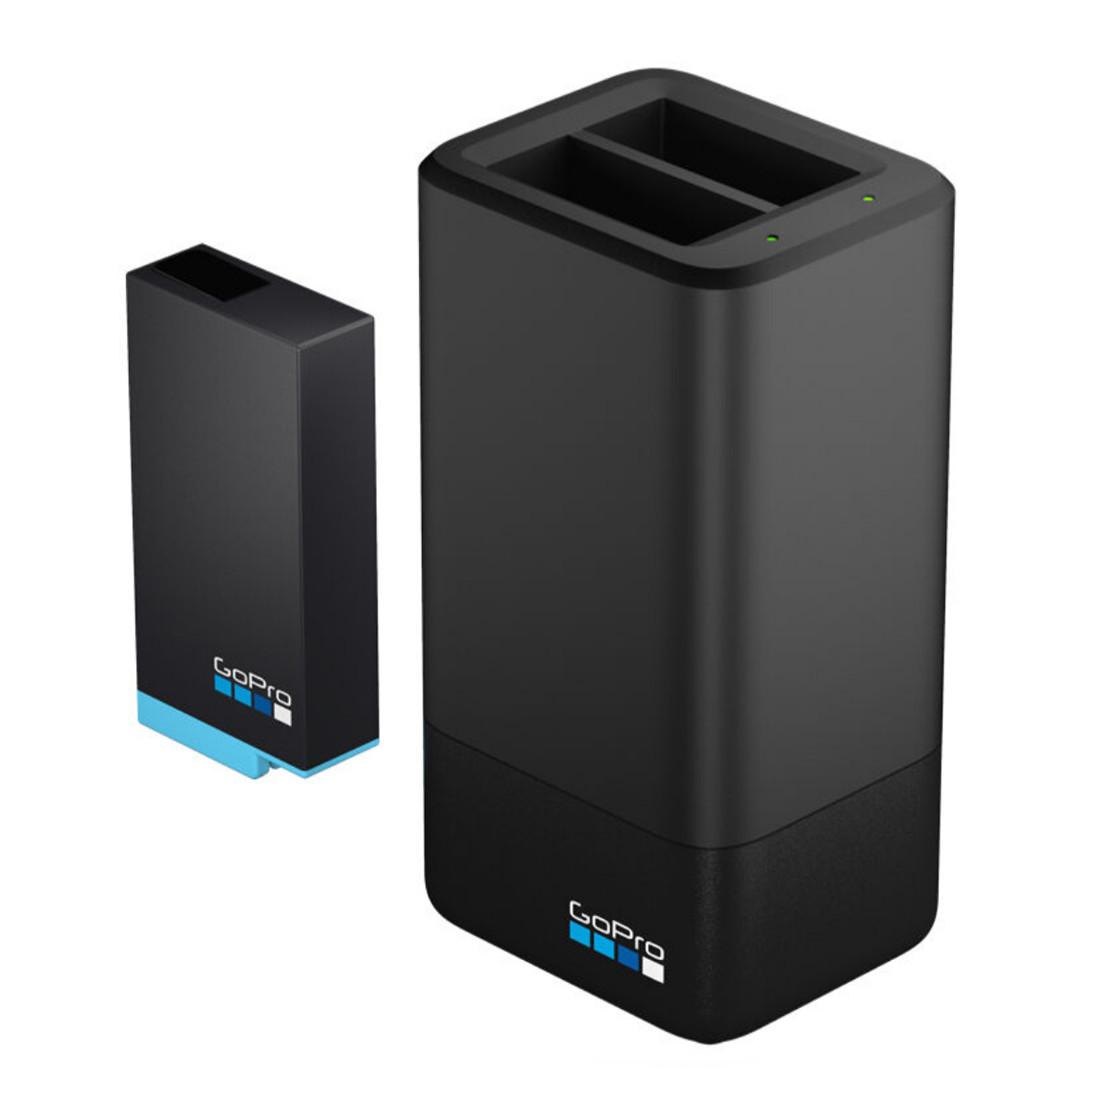 شارژر دوقلوی باتری گوپرو برای باتری های GOPRO MAX مدلMax Dual Battery Charger/Battery